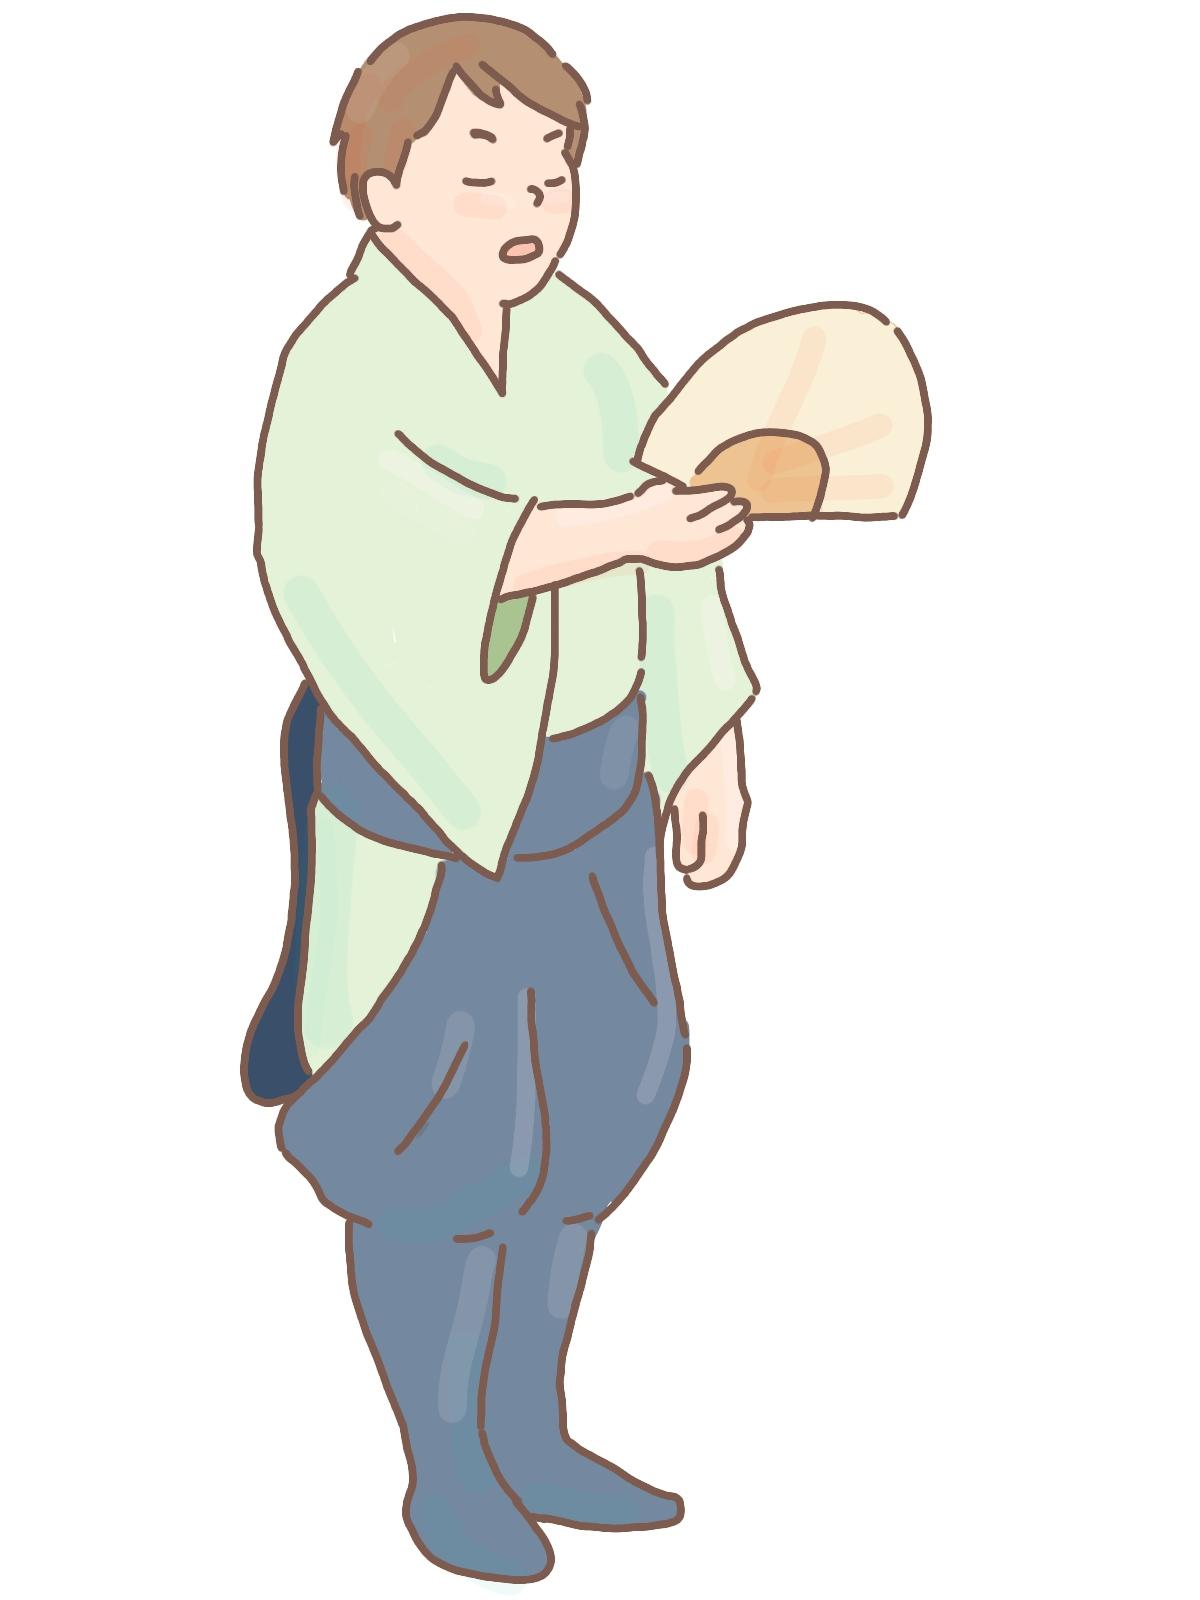 相撲 遠藤はなぜ四股名が本名のまま?改名はいつ?